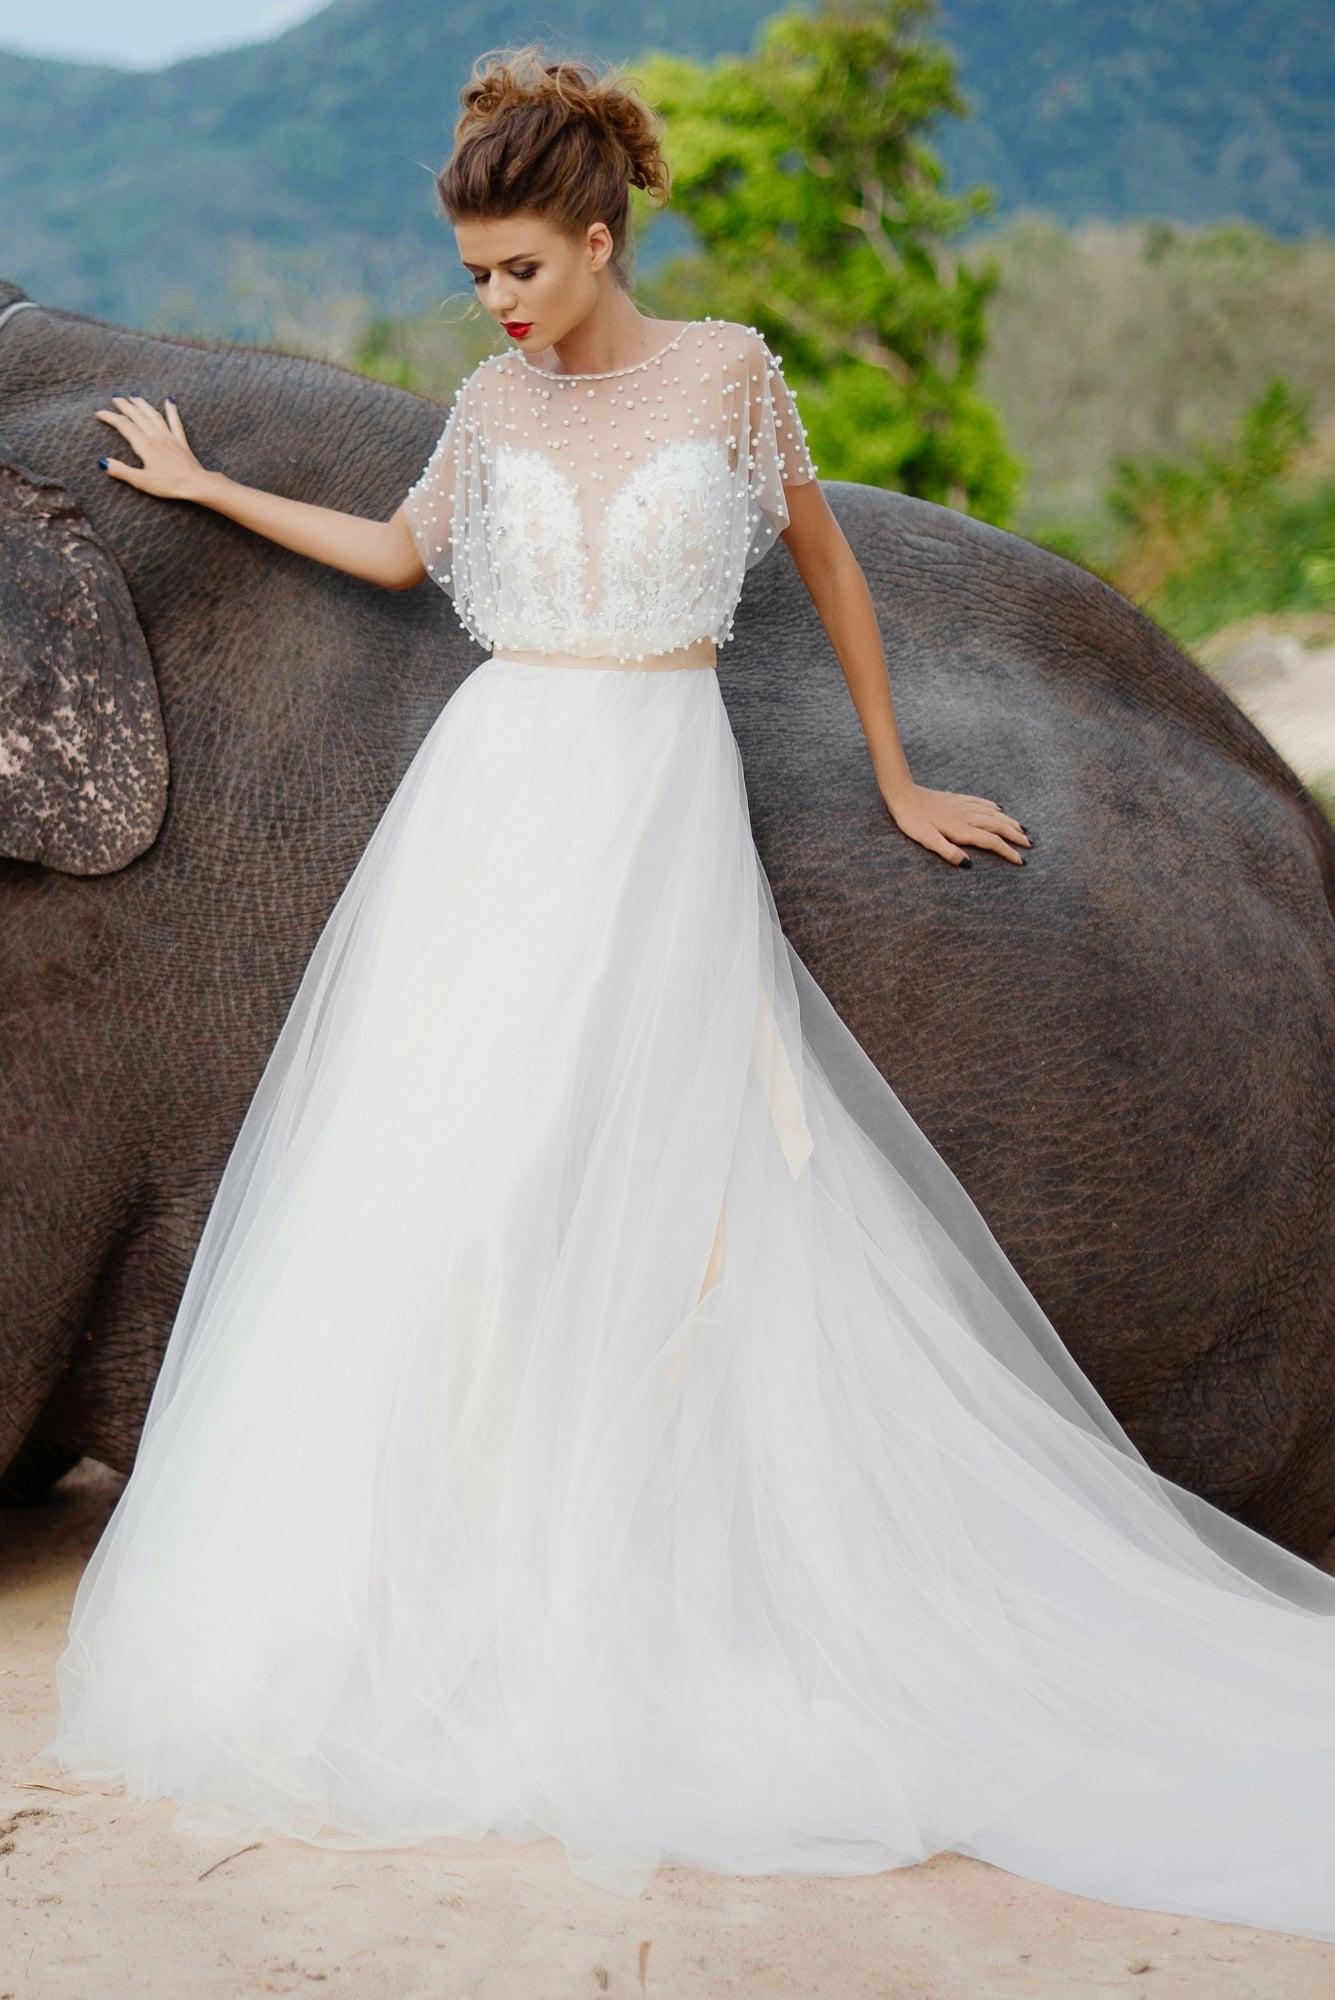 65b8a44612fa7a4 Пышное свадебное платье с закрытым верхом, украшенным бусинами, и кремовым  поясом.